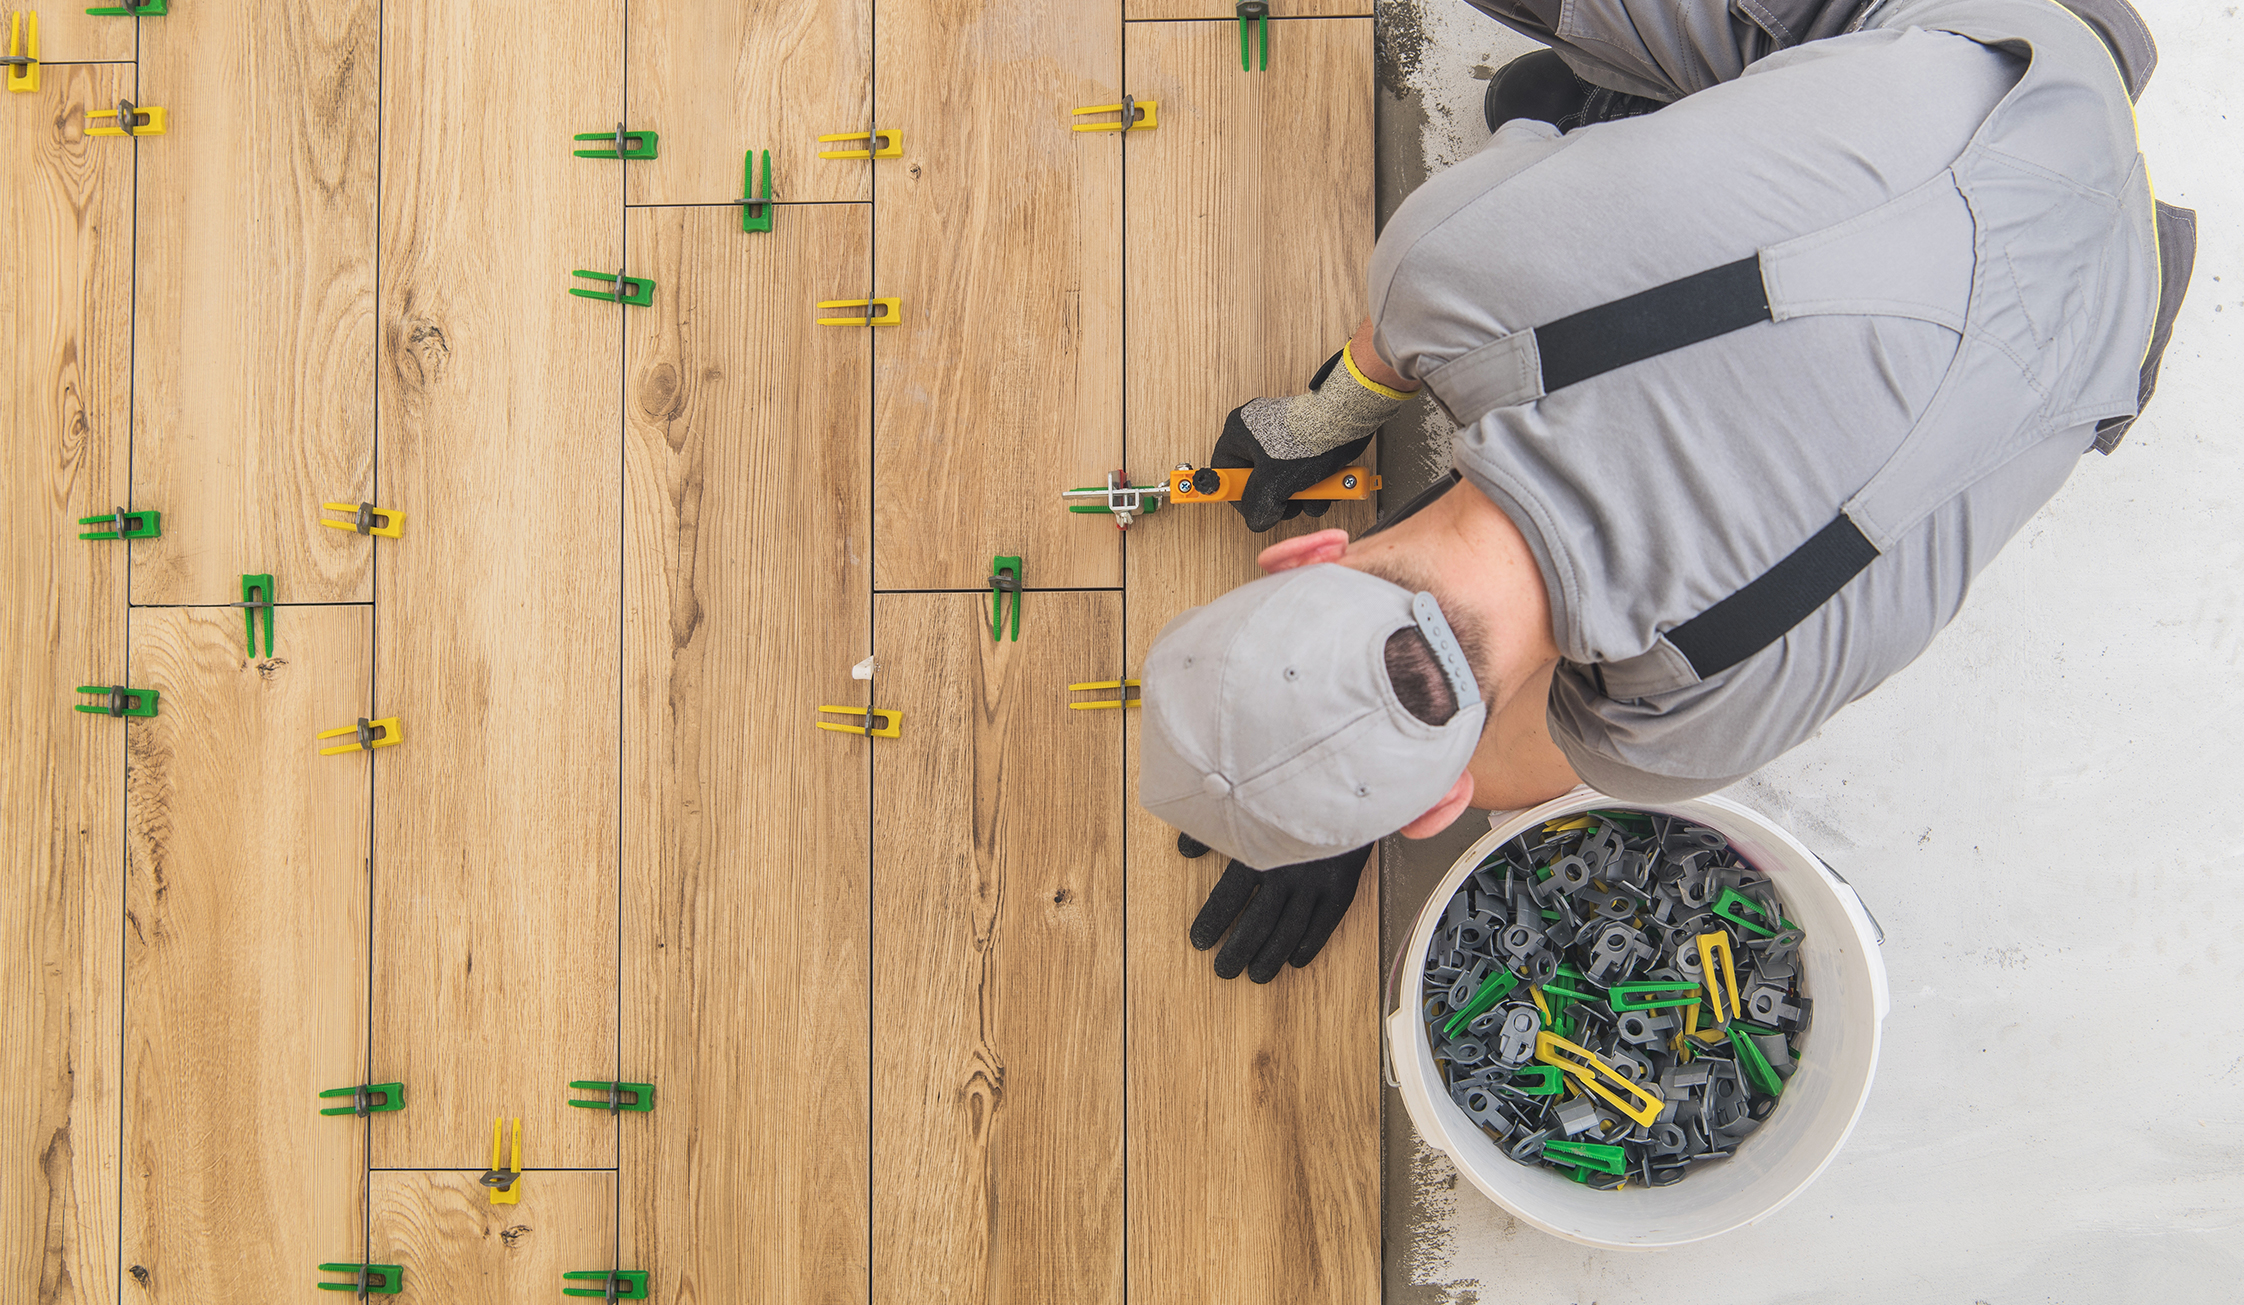 Projektverktyg byggföretag - 7